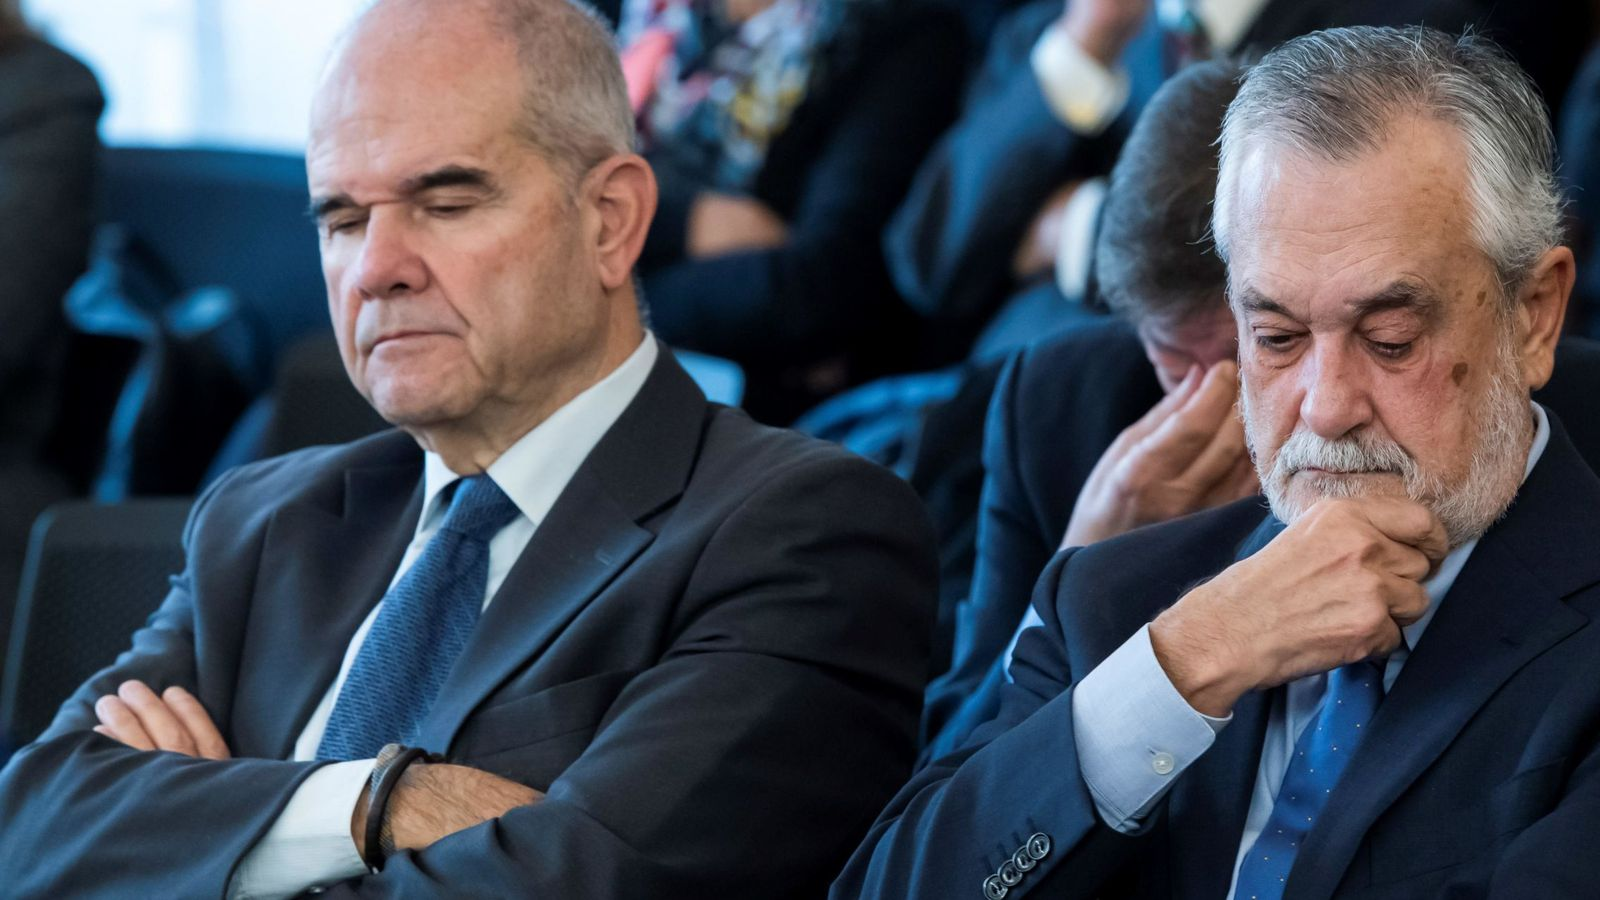 Foto: Los expresidentes andaluces Manuel Chaves (i) y José Antonio Griñán (d), en la sala de la Audiencia de Sevilla. (EFE)